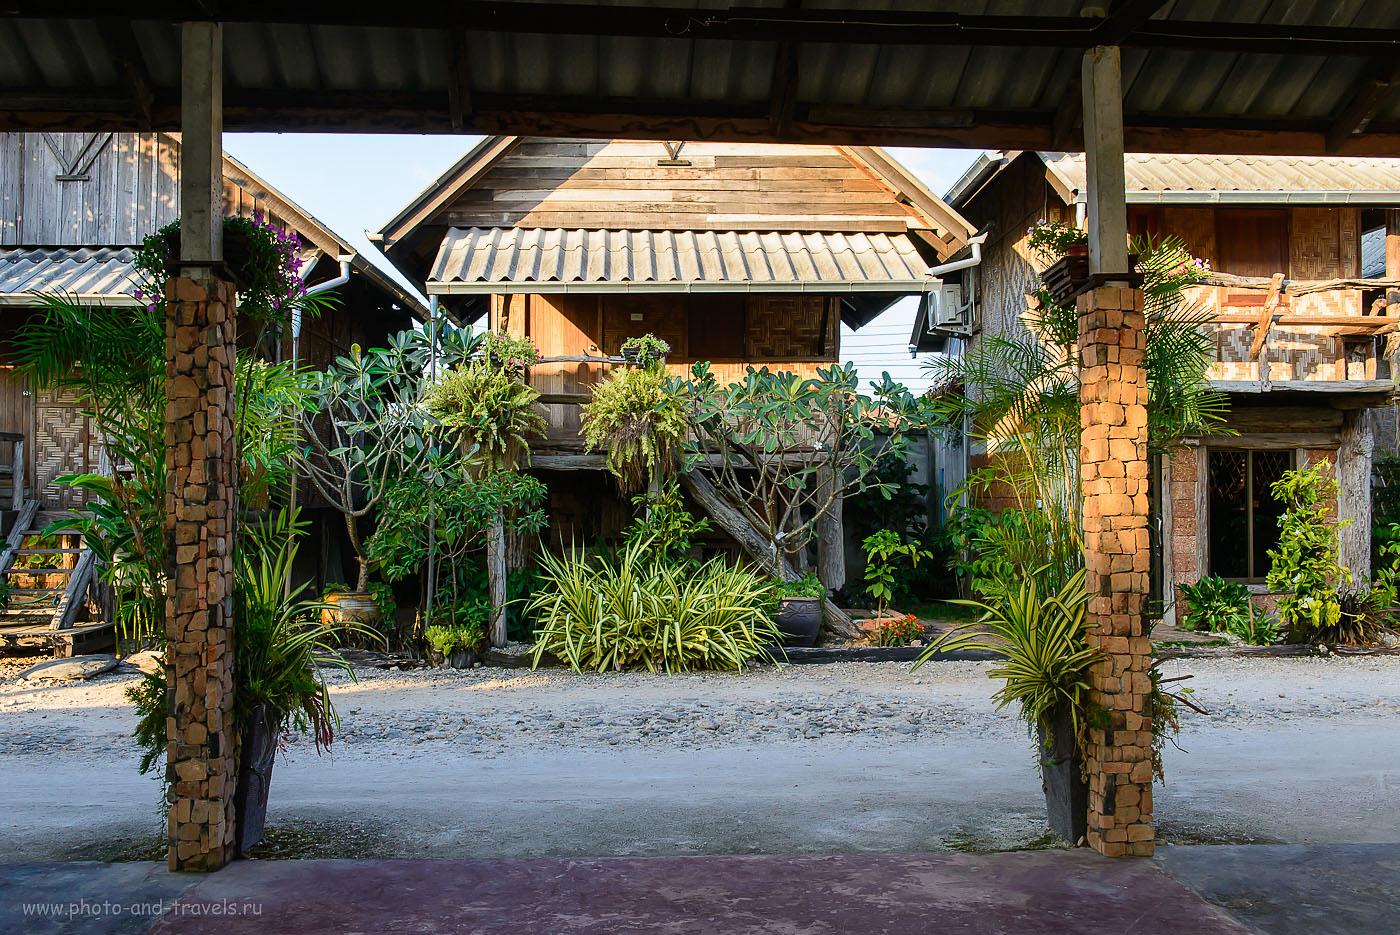 Фото 14. Избушки на курьих ножках в городе Ranong. Отели в городе Ранонг. Поездка по Таиланду на автомобиле (640, 32, 9.0, 1/100)